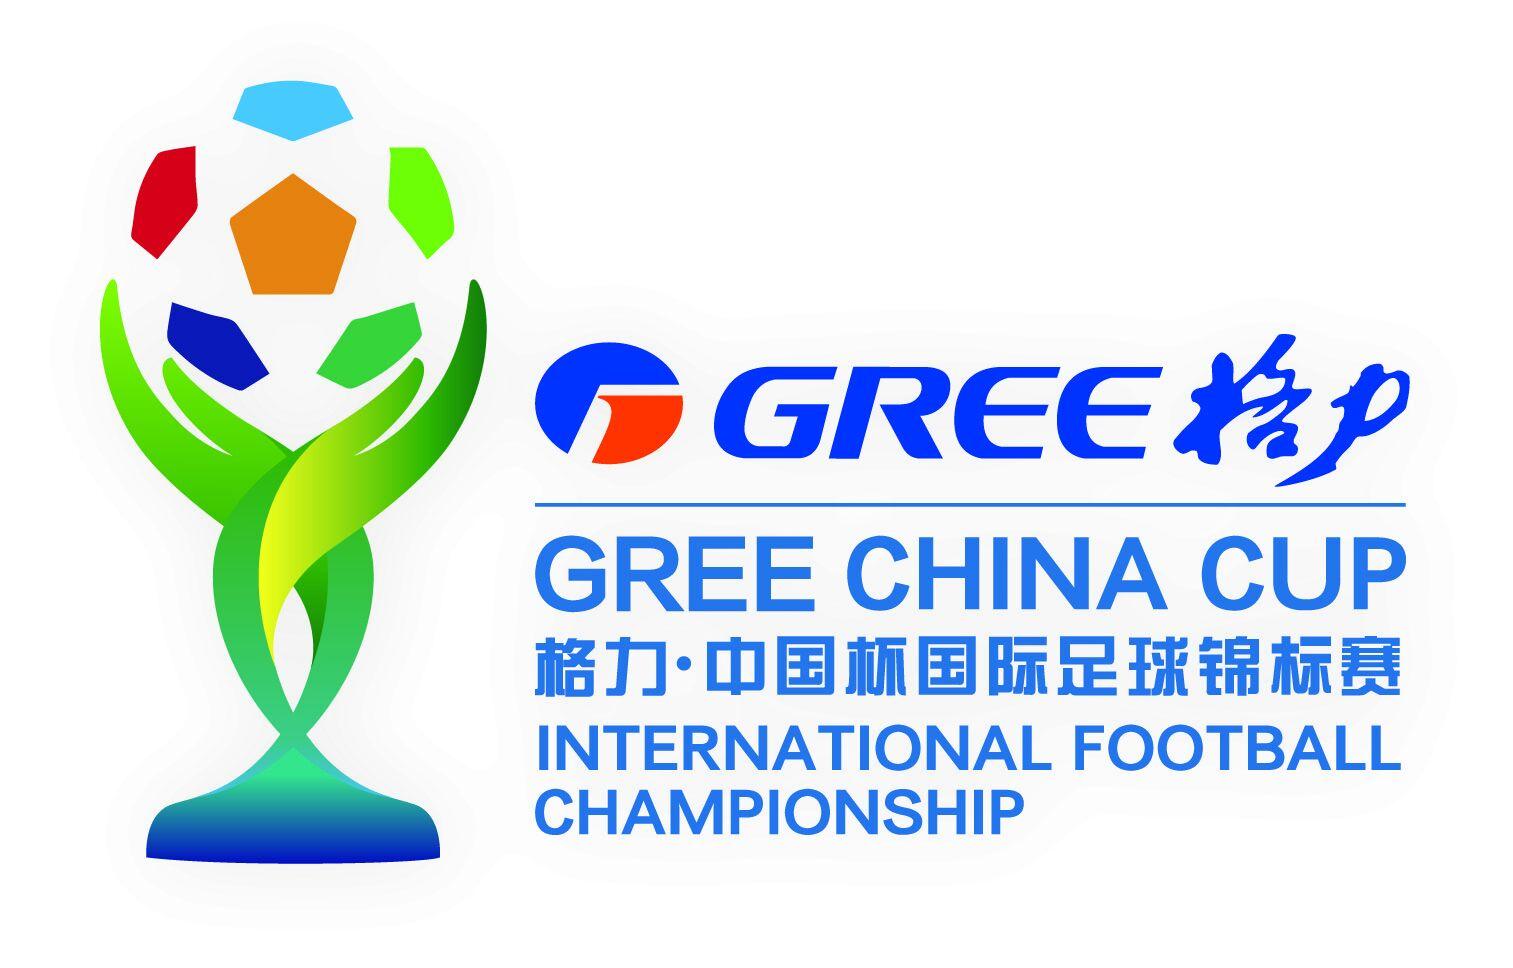 中国杯明年3月开打,乌拉圭、威尔士和捷克受邀参赛